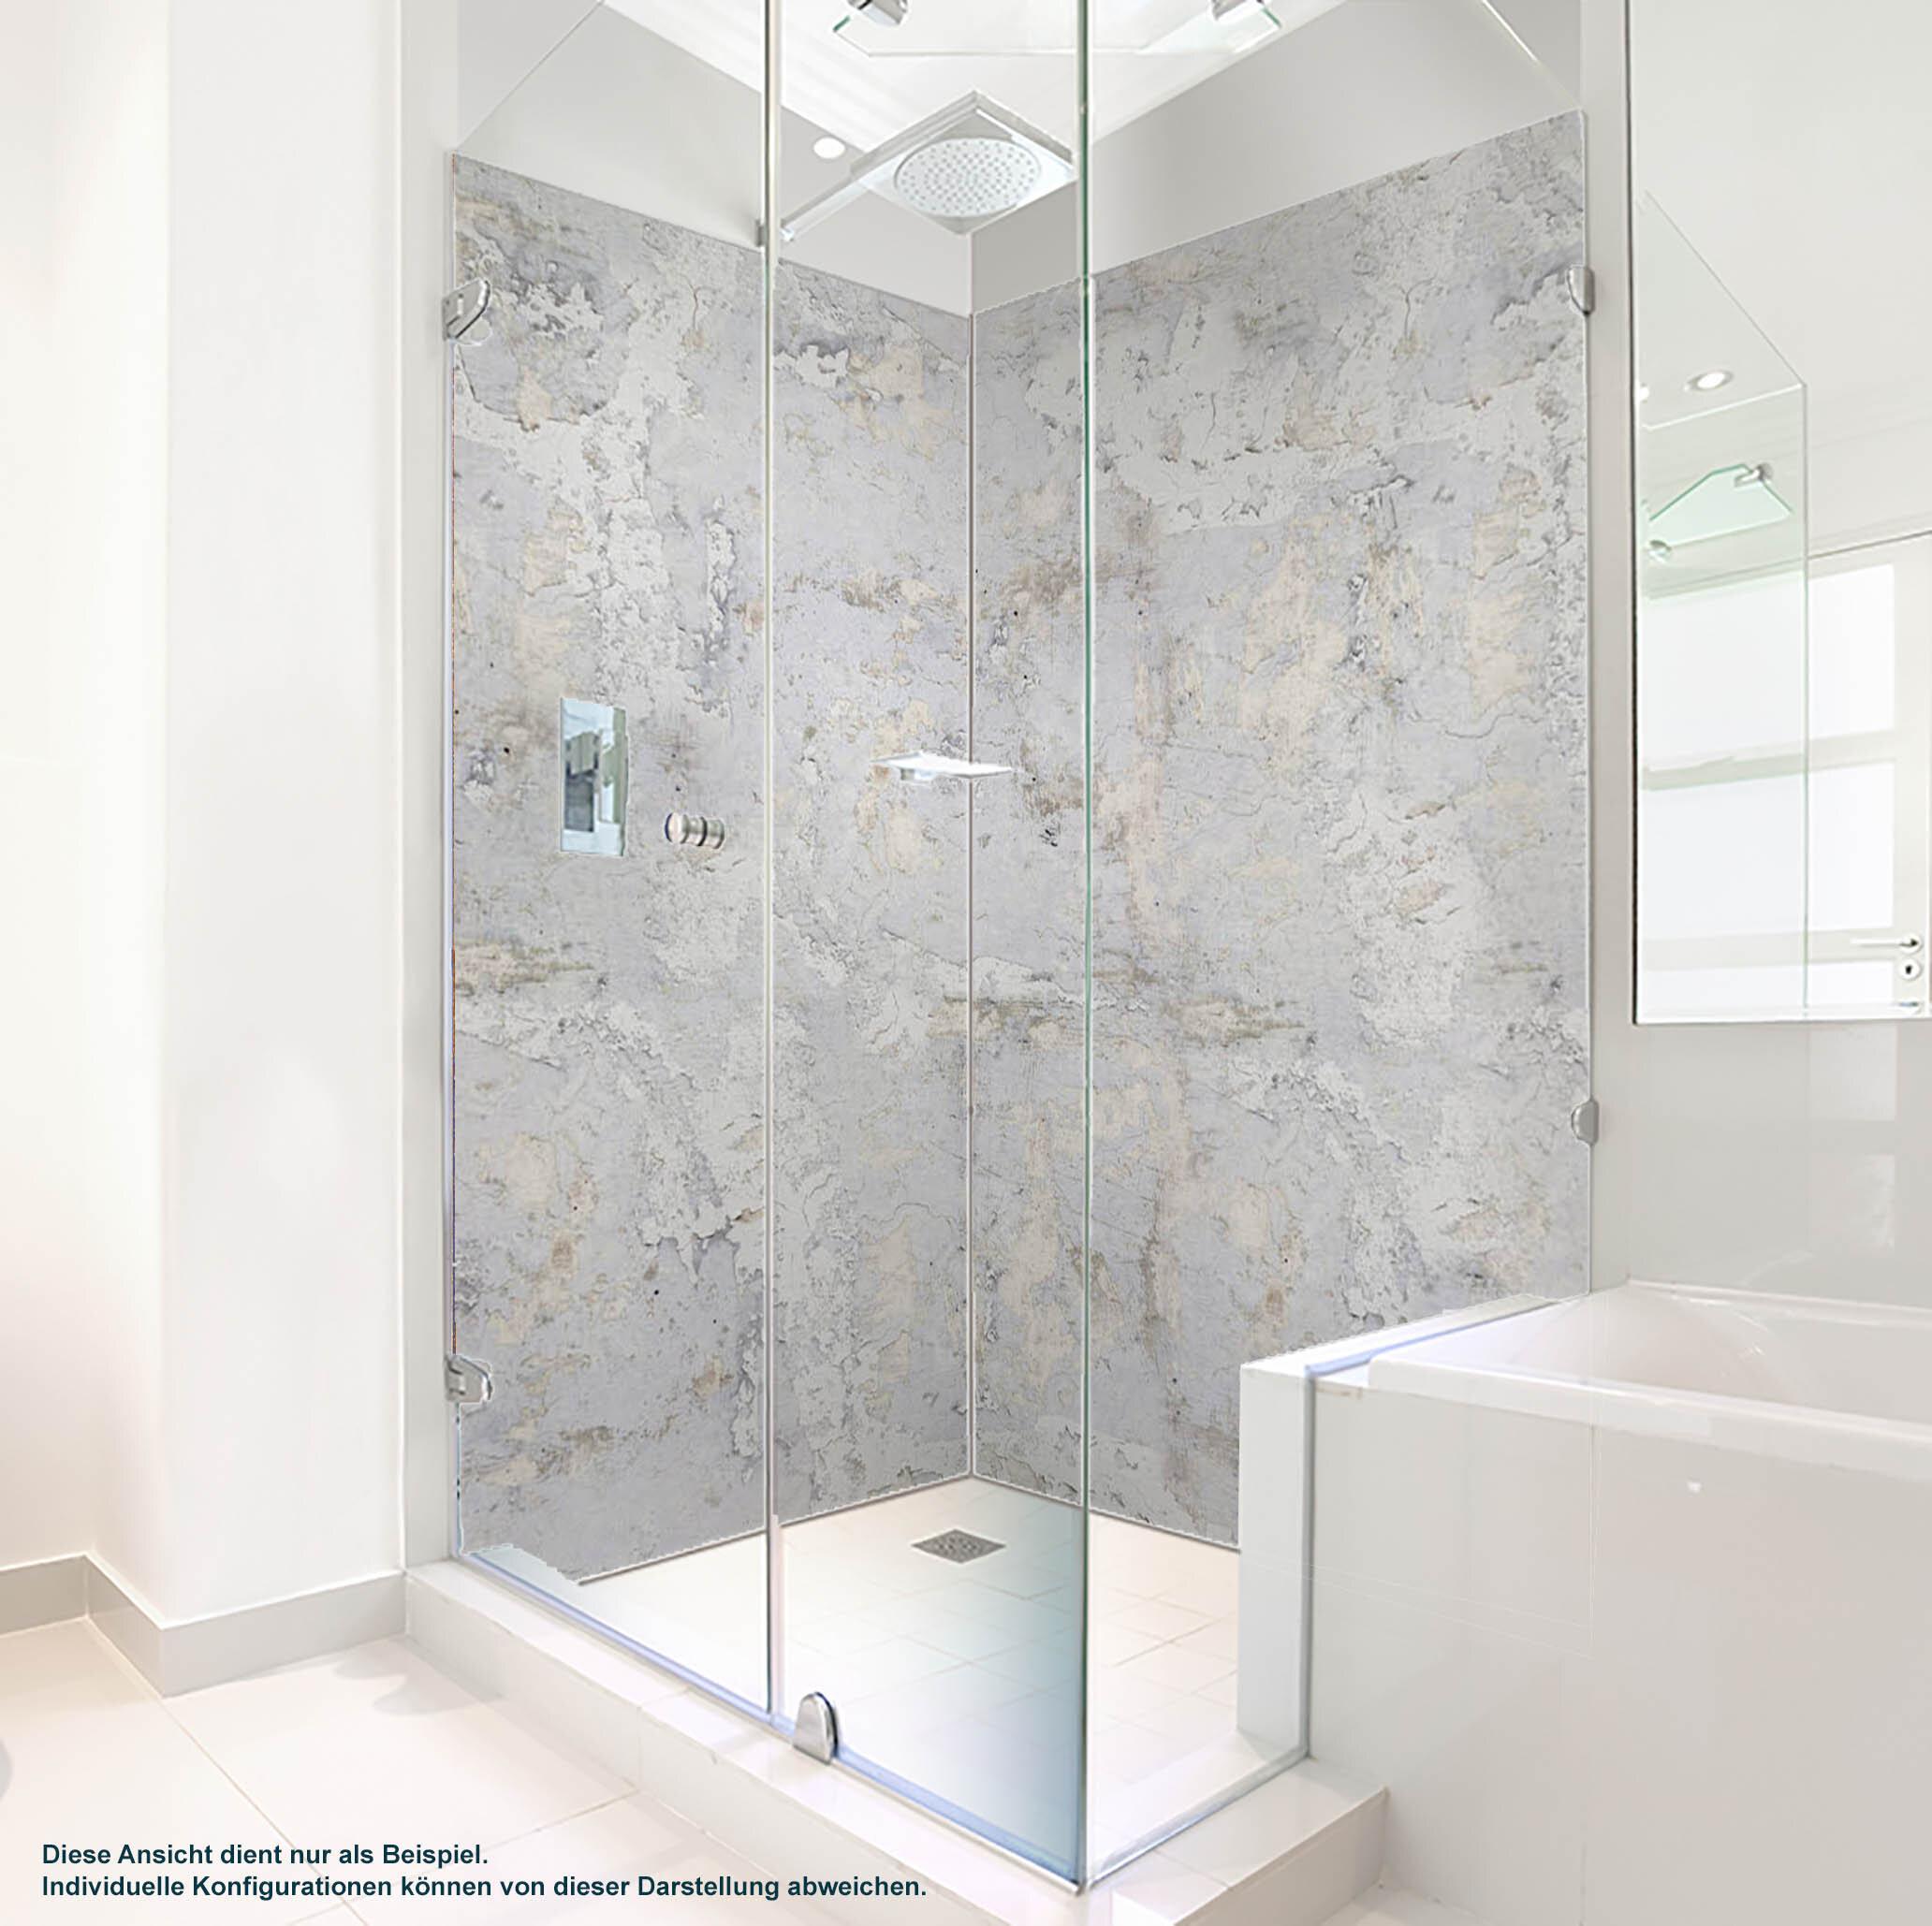 Dusche PlateART Duschrückwand mit Motiv Beton gestrichen